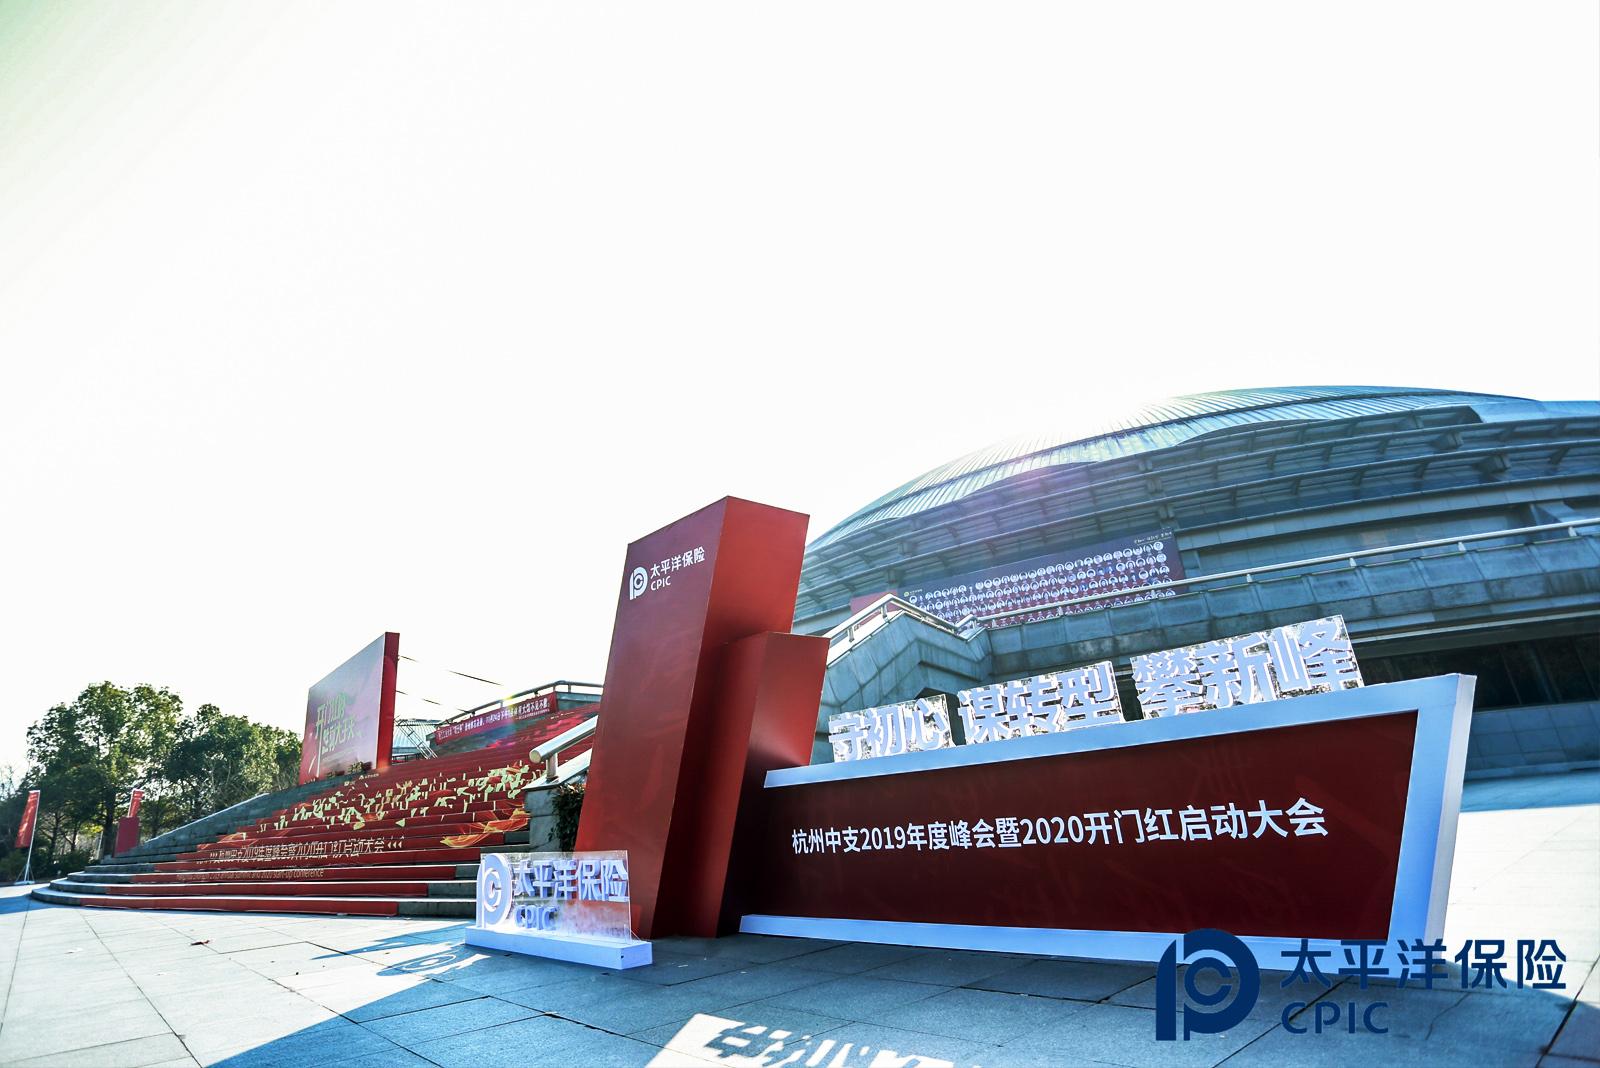 太平洋保险杭州中支2019年度峰会暨2020开门红启动大会-2